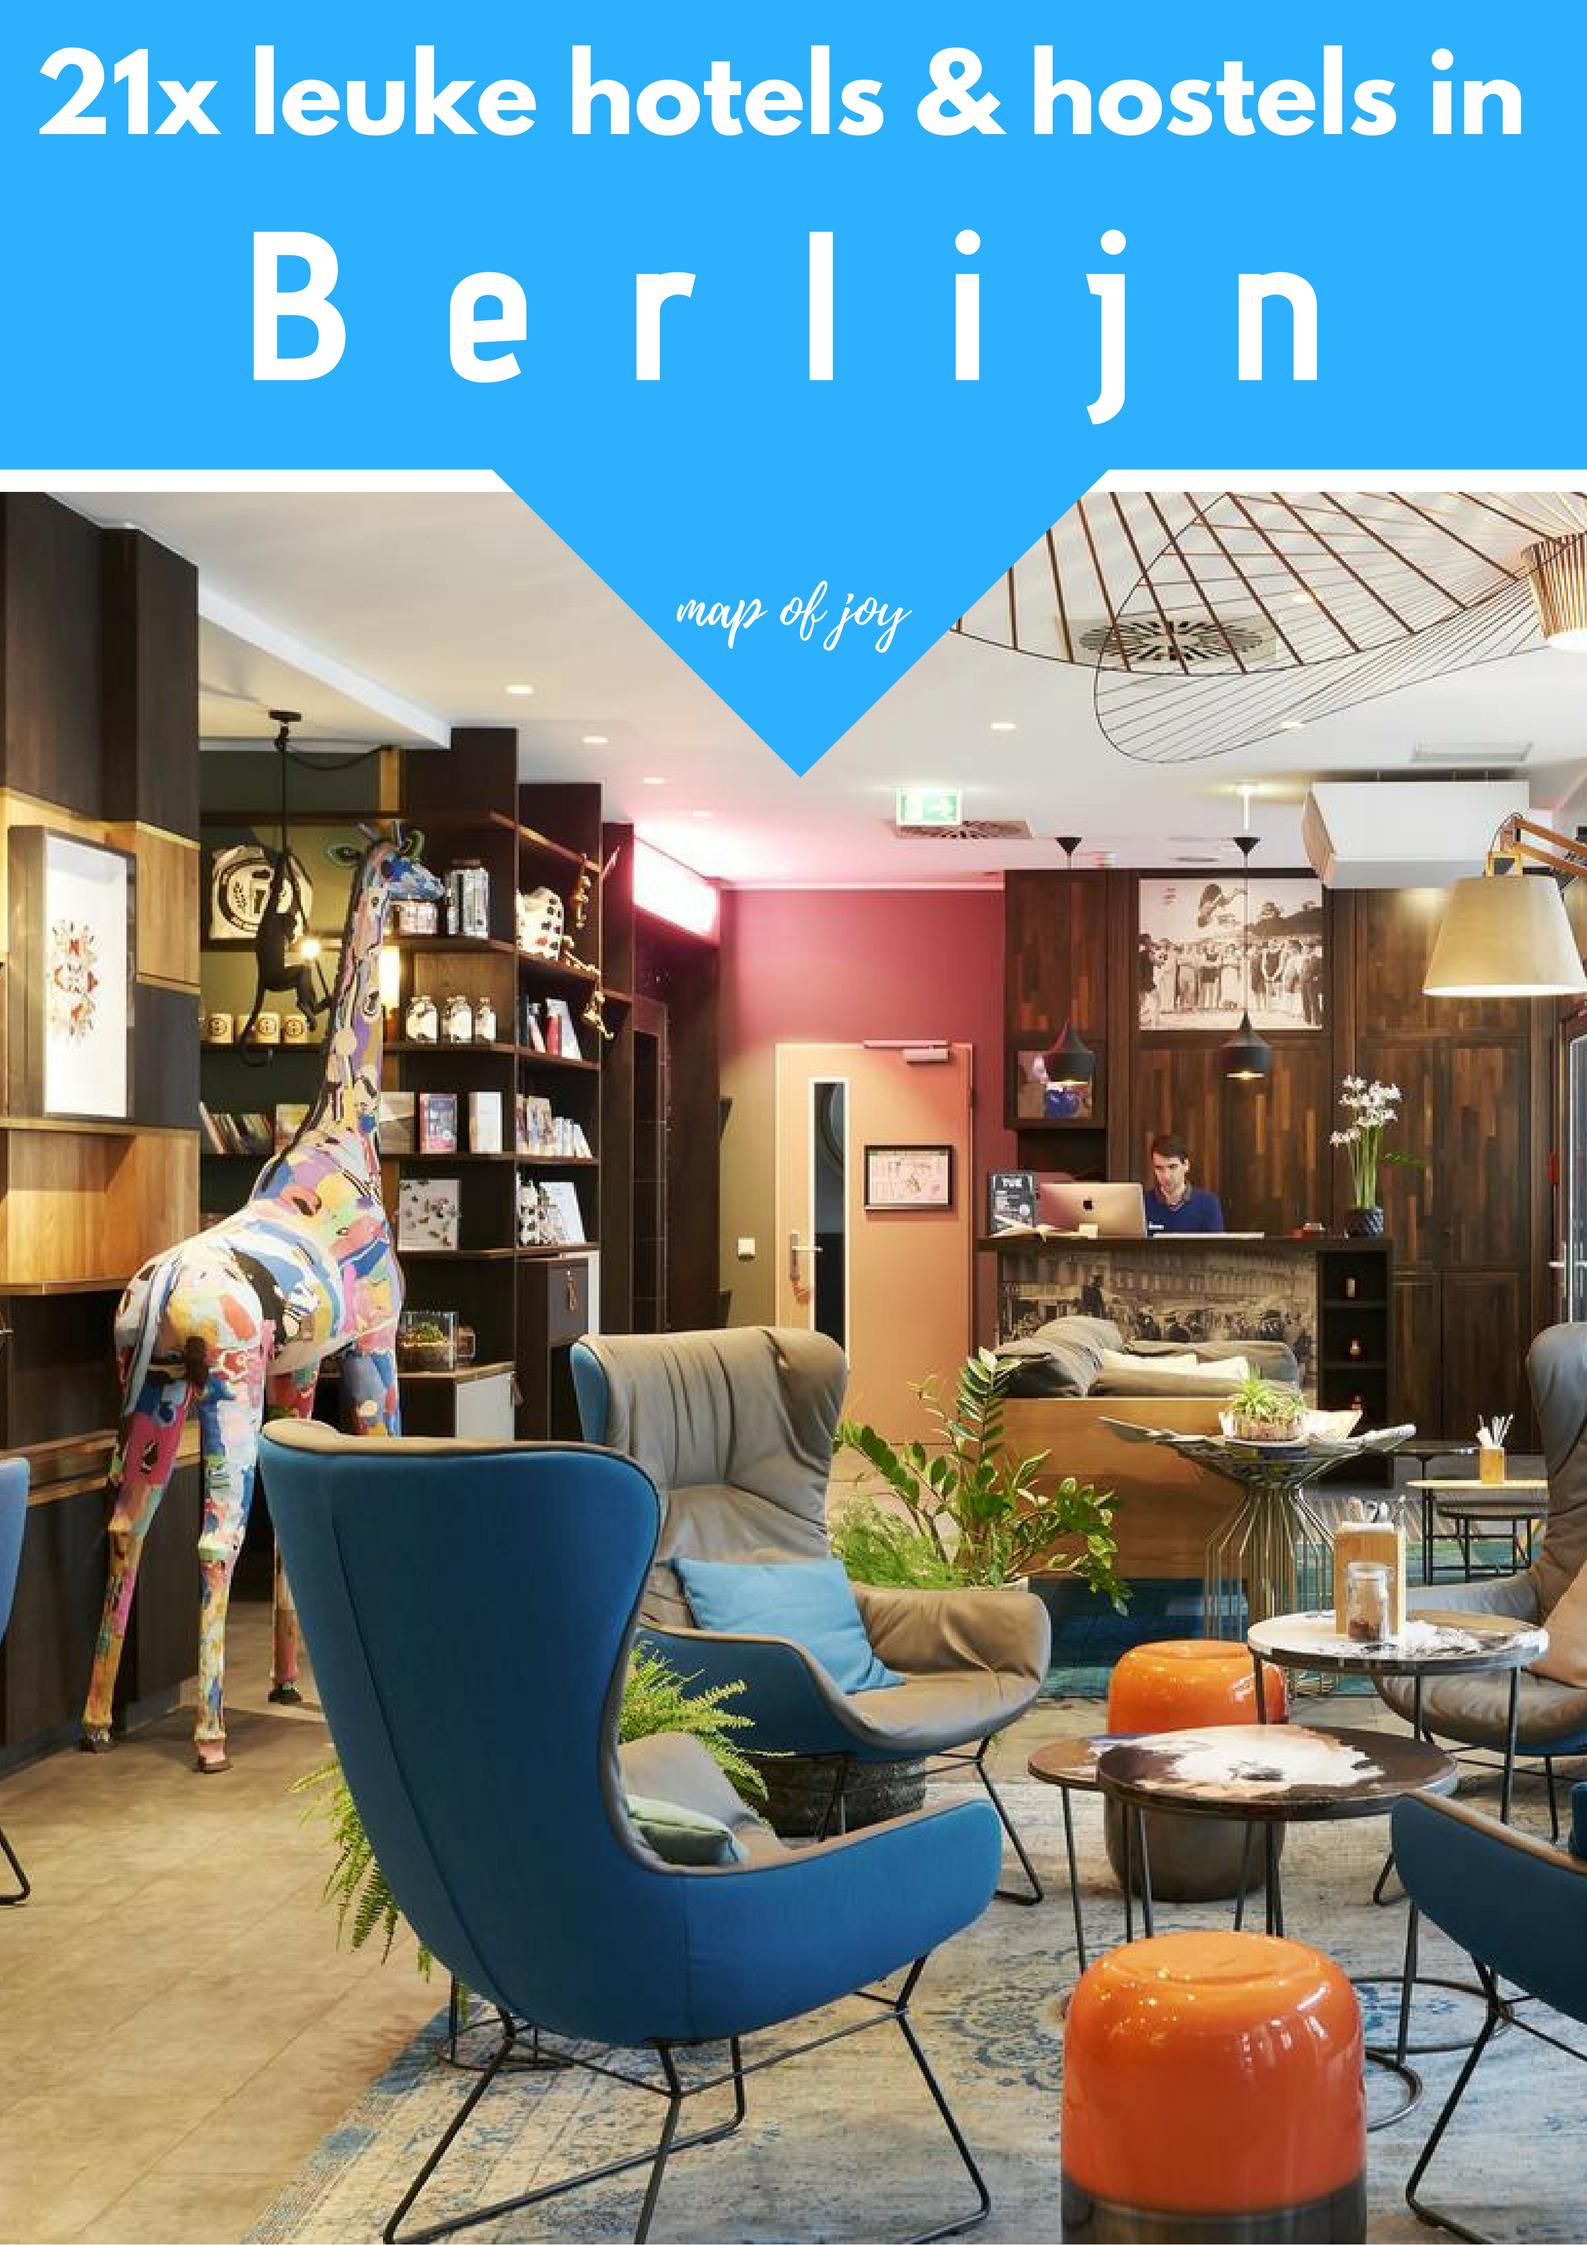 21x leuke hotels en hostels in Berlijn - Map of Joy